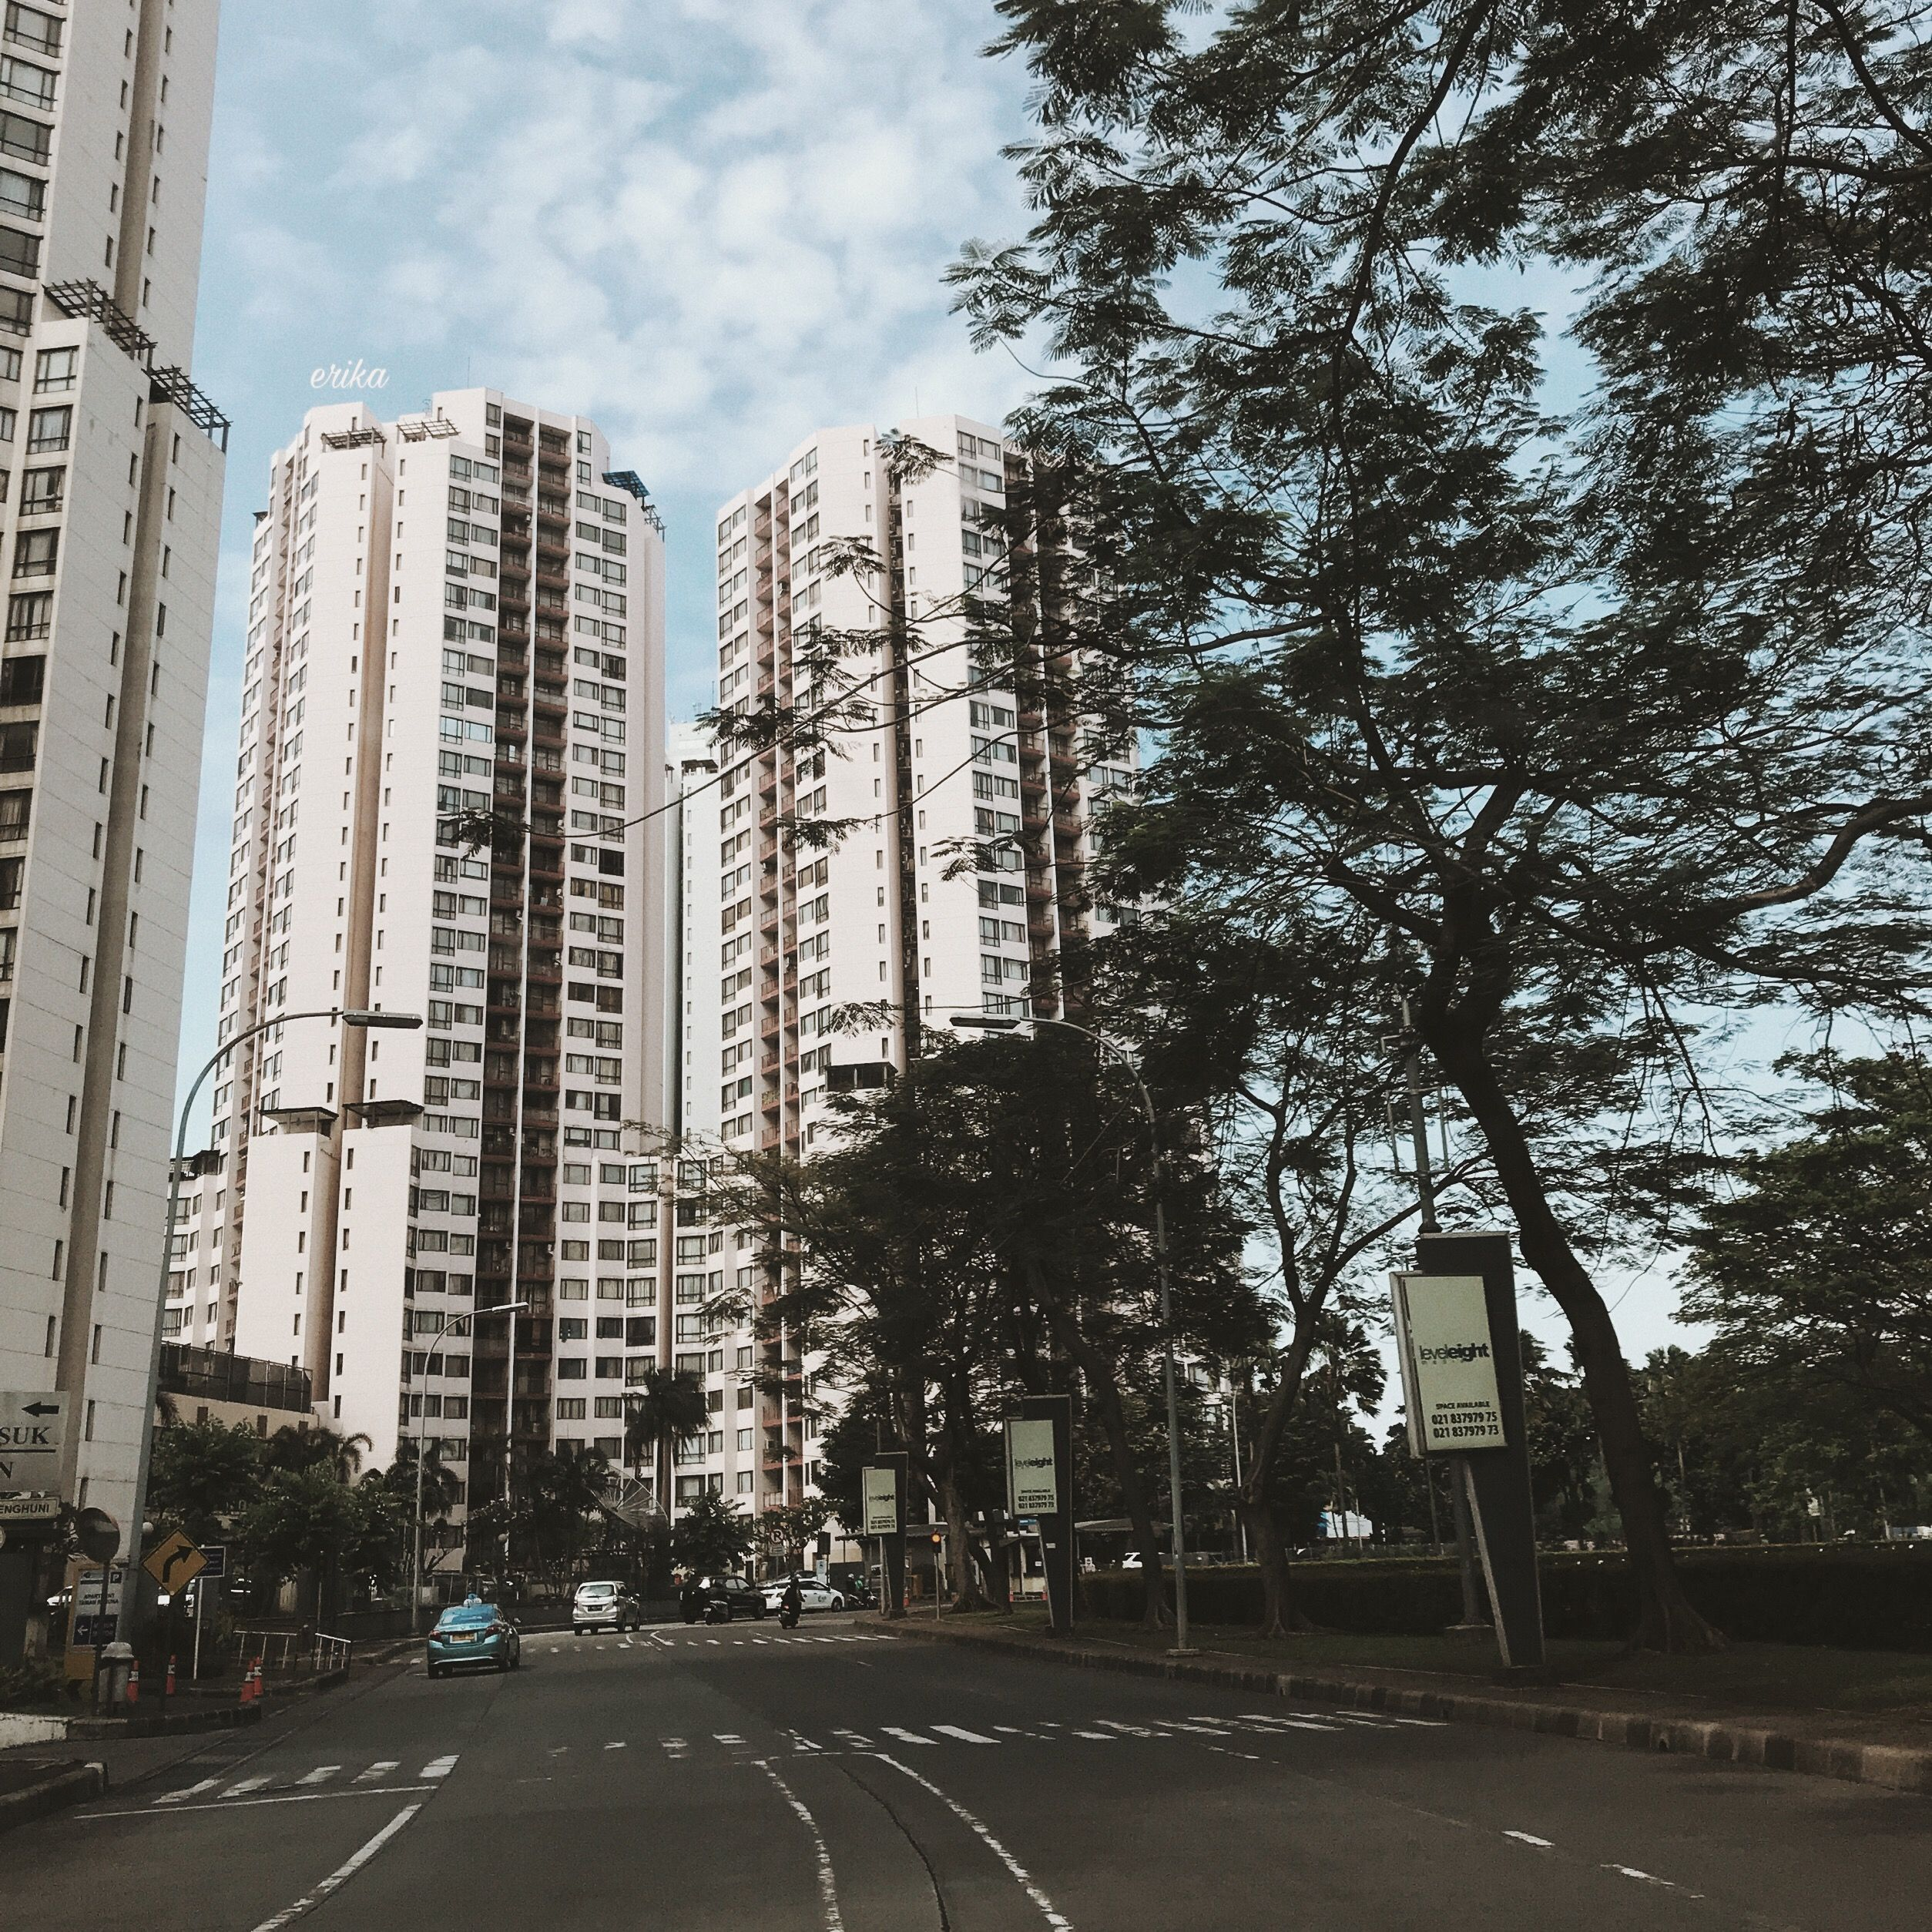 jakarta. jakarta indonesia apartment view tree